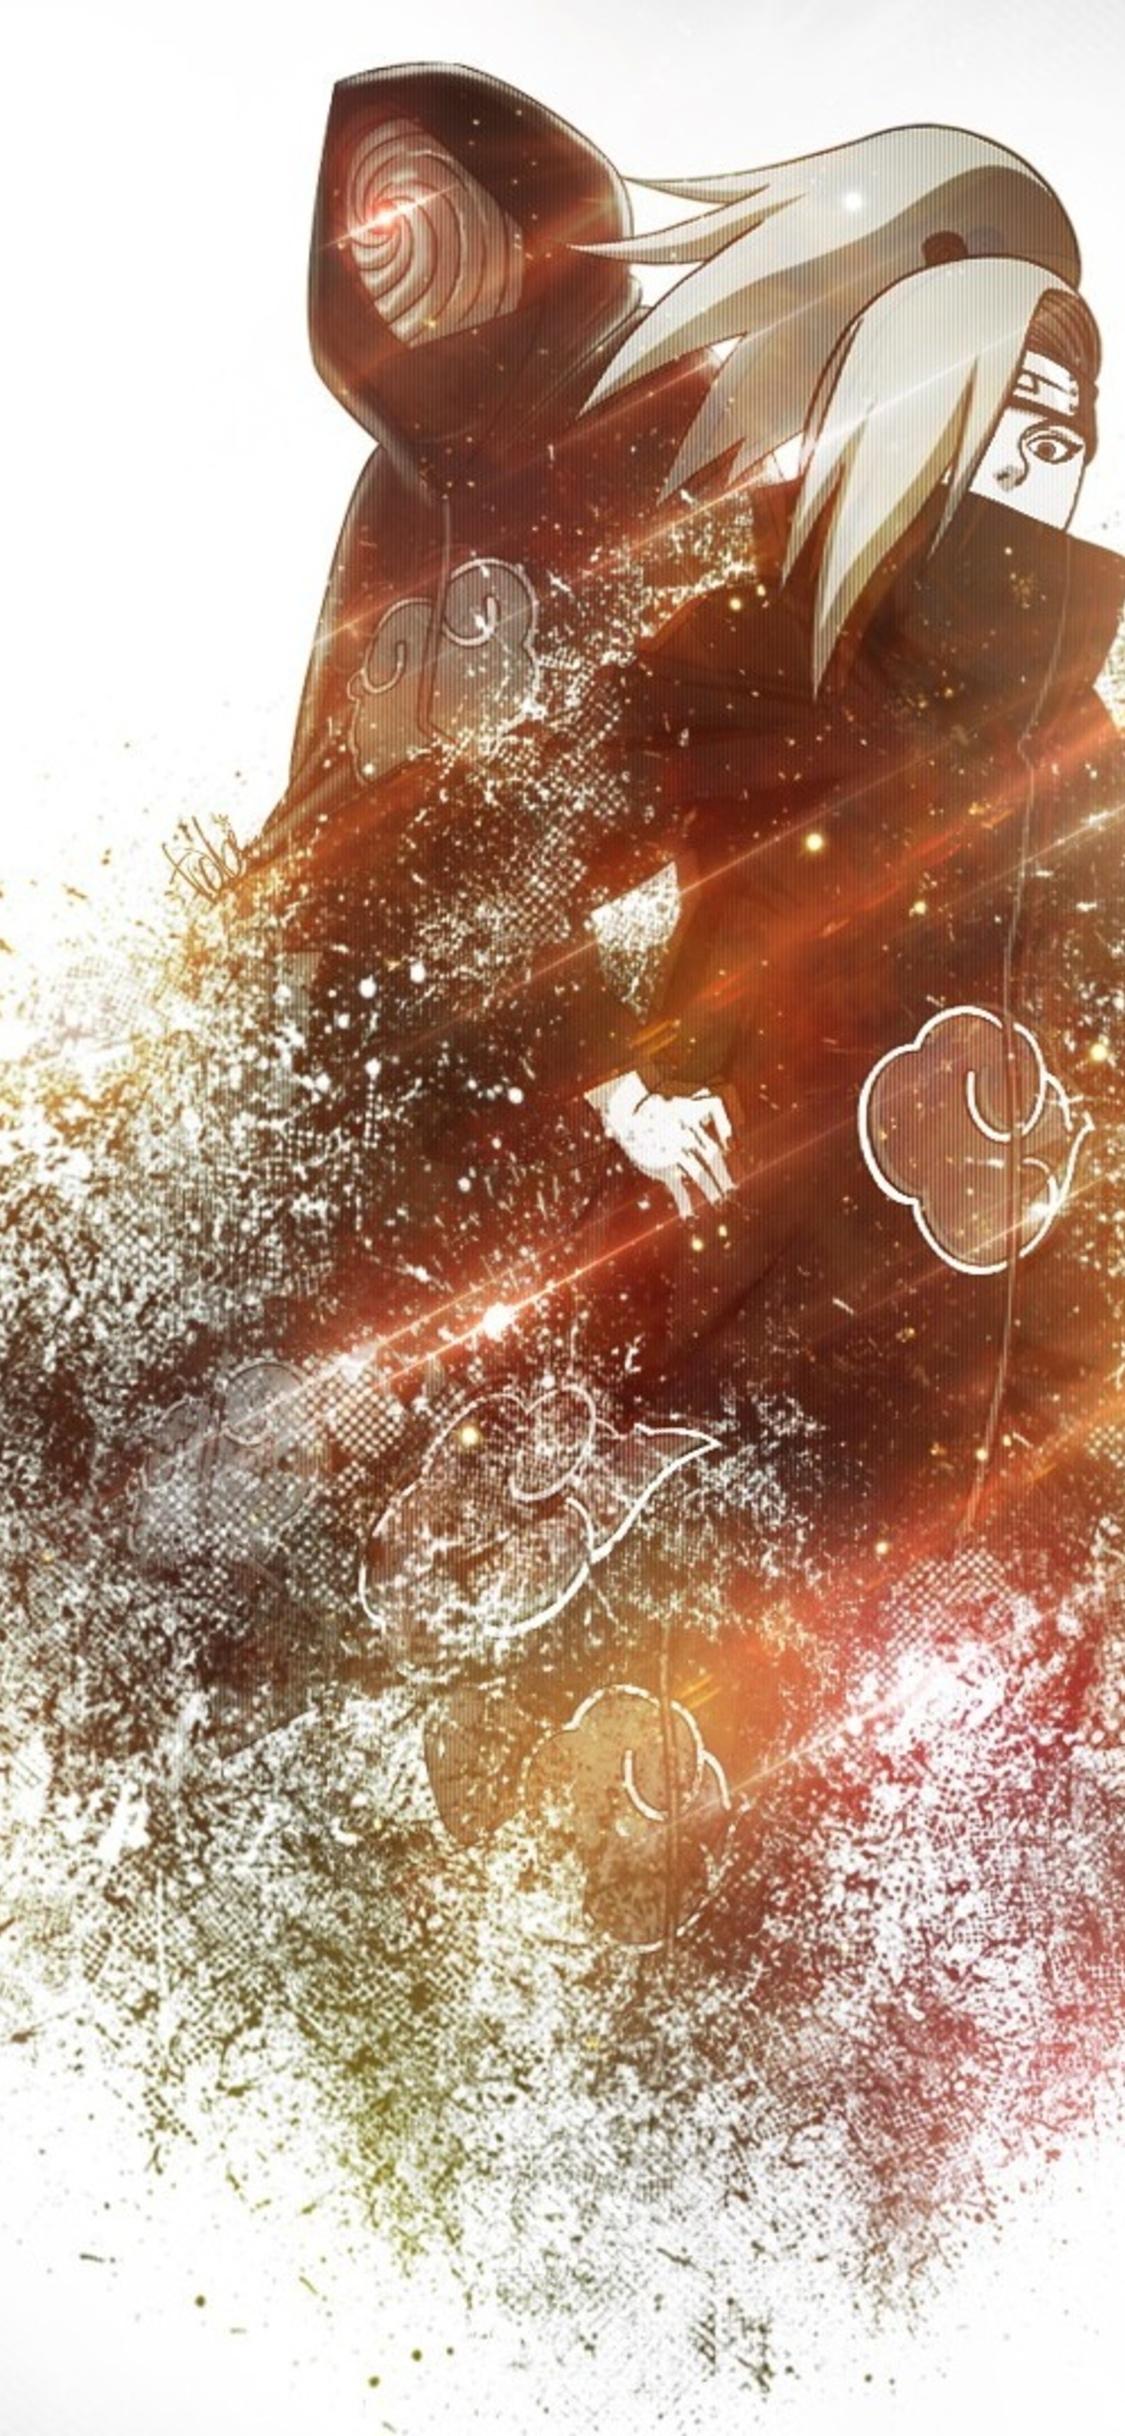 1125x2436 Akatsuki Naruto Anime Iphone Xs Iphone 10 Iphone X